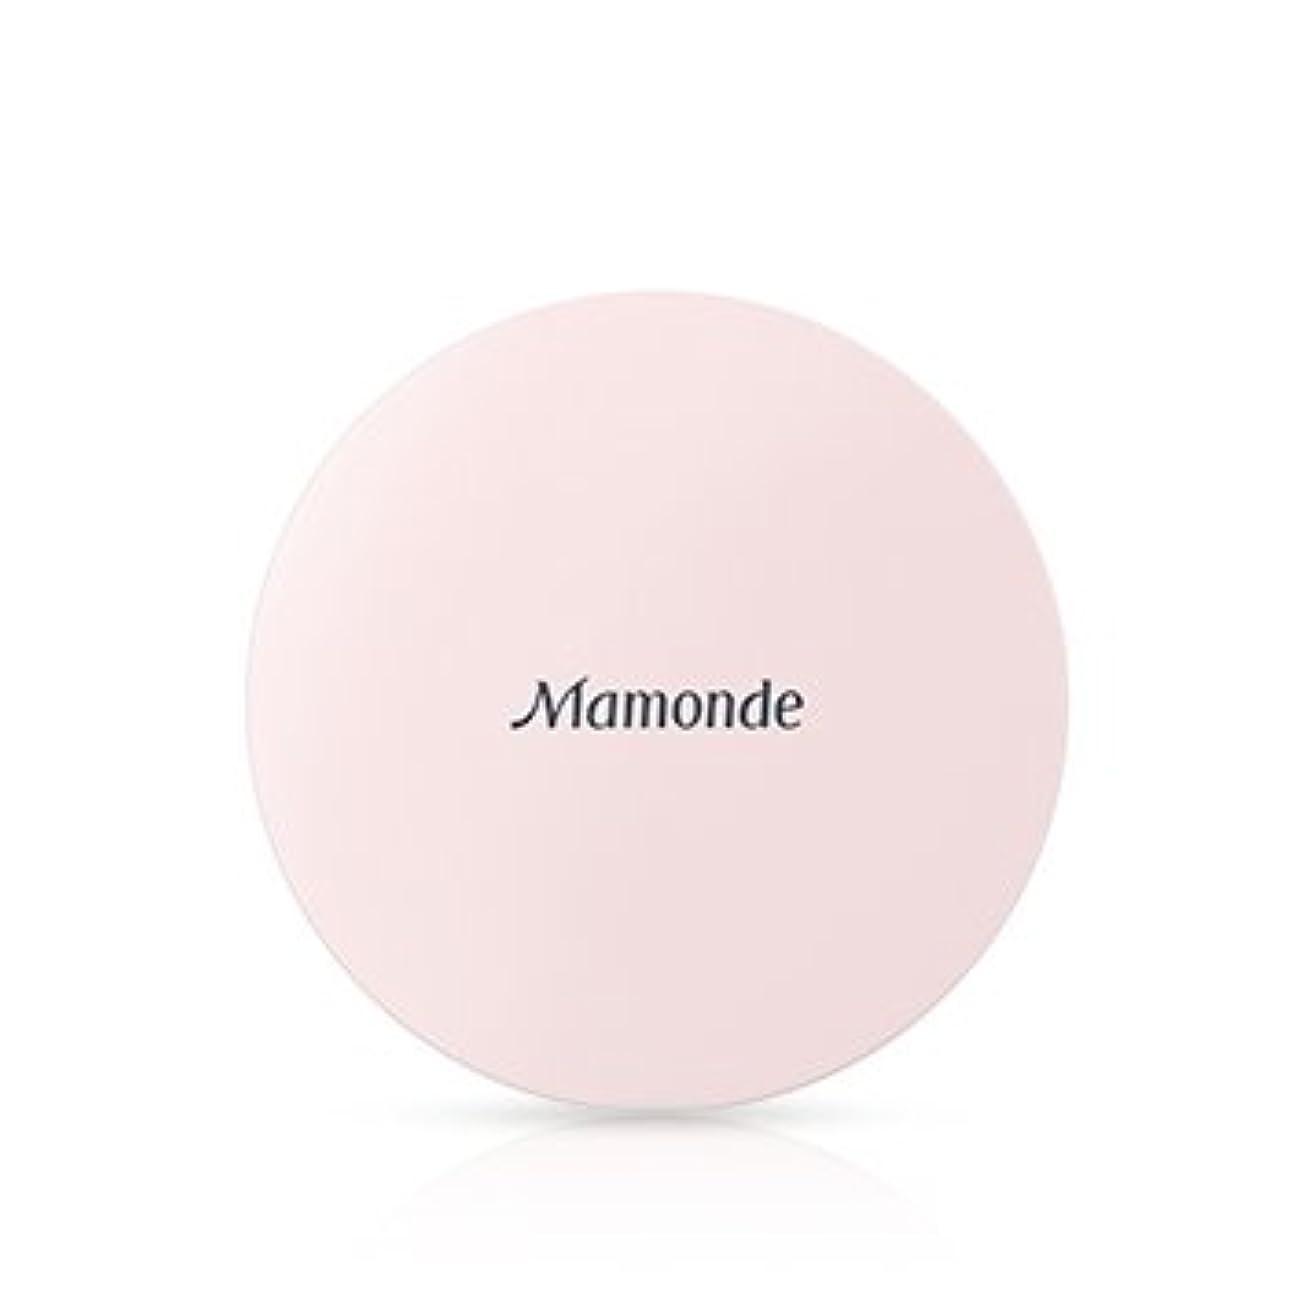 相反するかなり教養がある[New] Mamonde High Cover Liquid Cushion 15g/マモンド ハイ カバー リキッド クッション 15g (#17 Cover Porcelain) [並行輸入品]